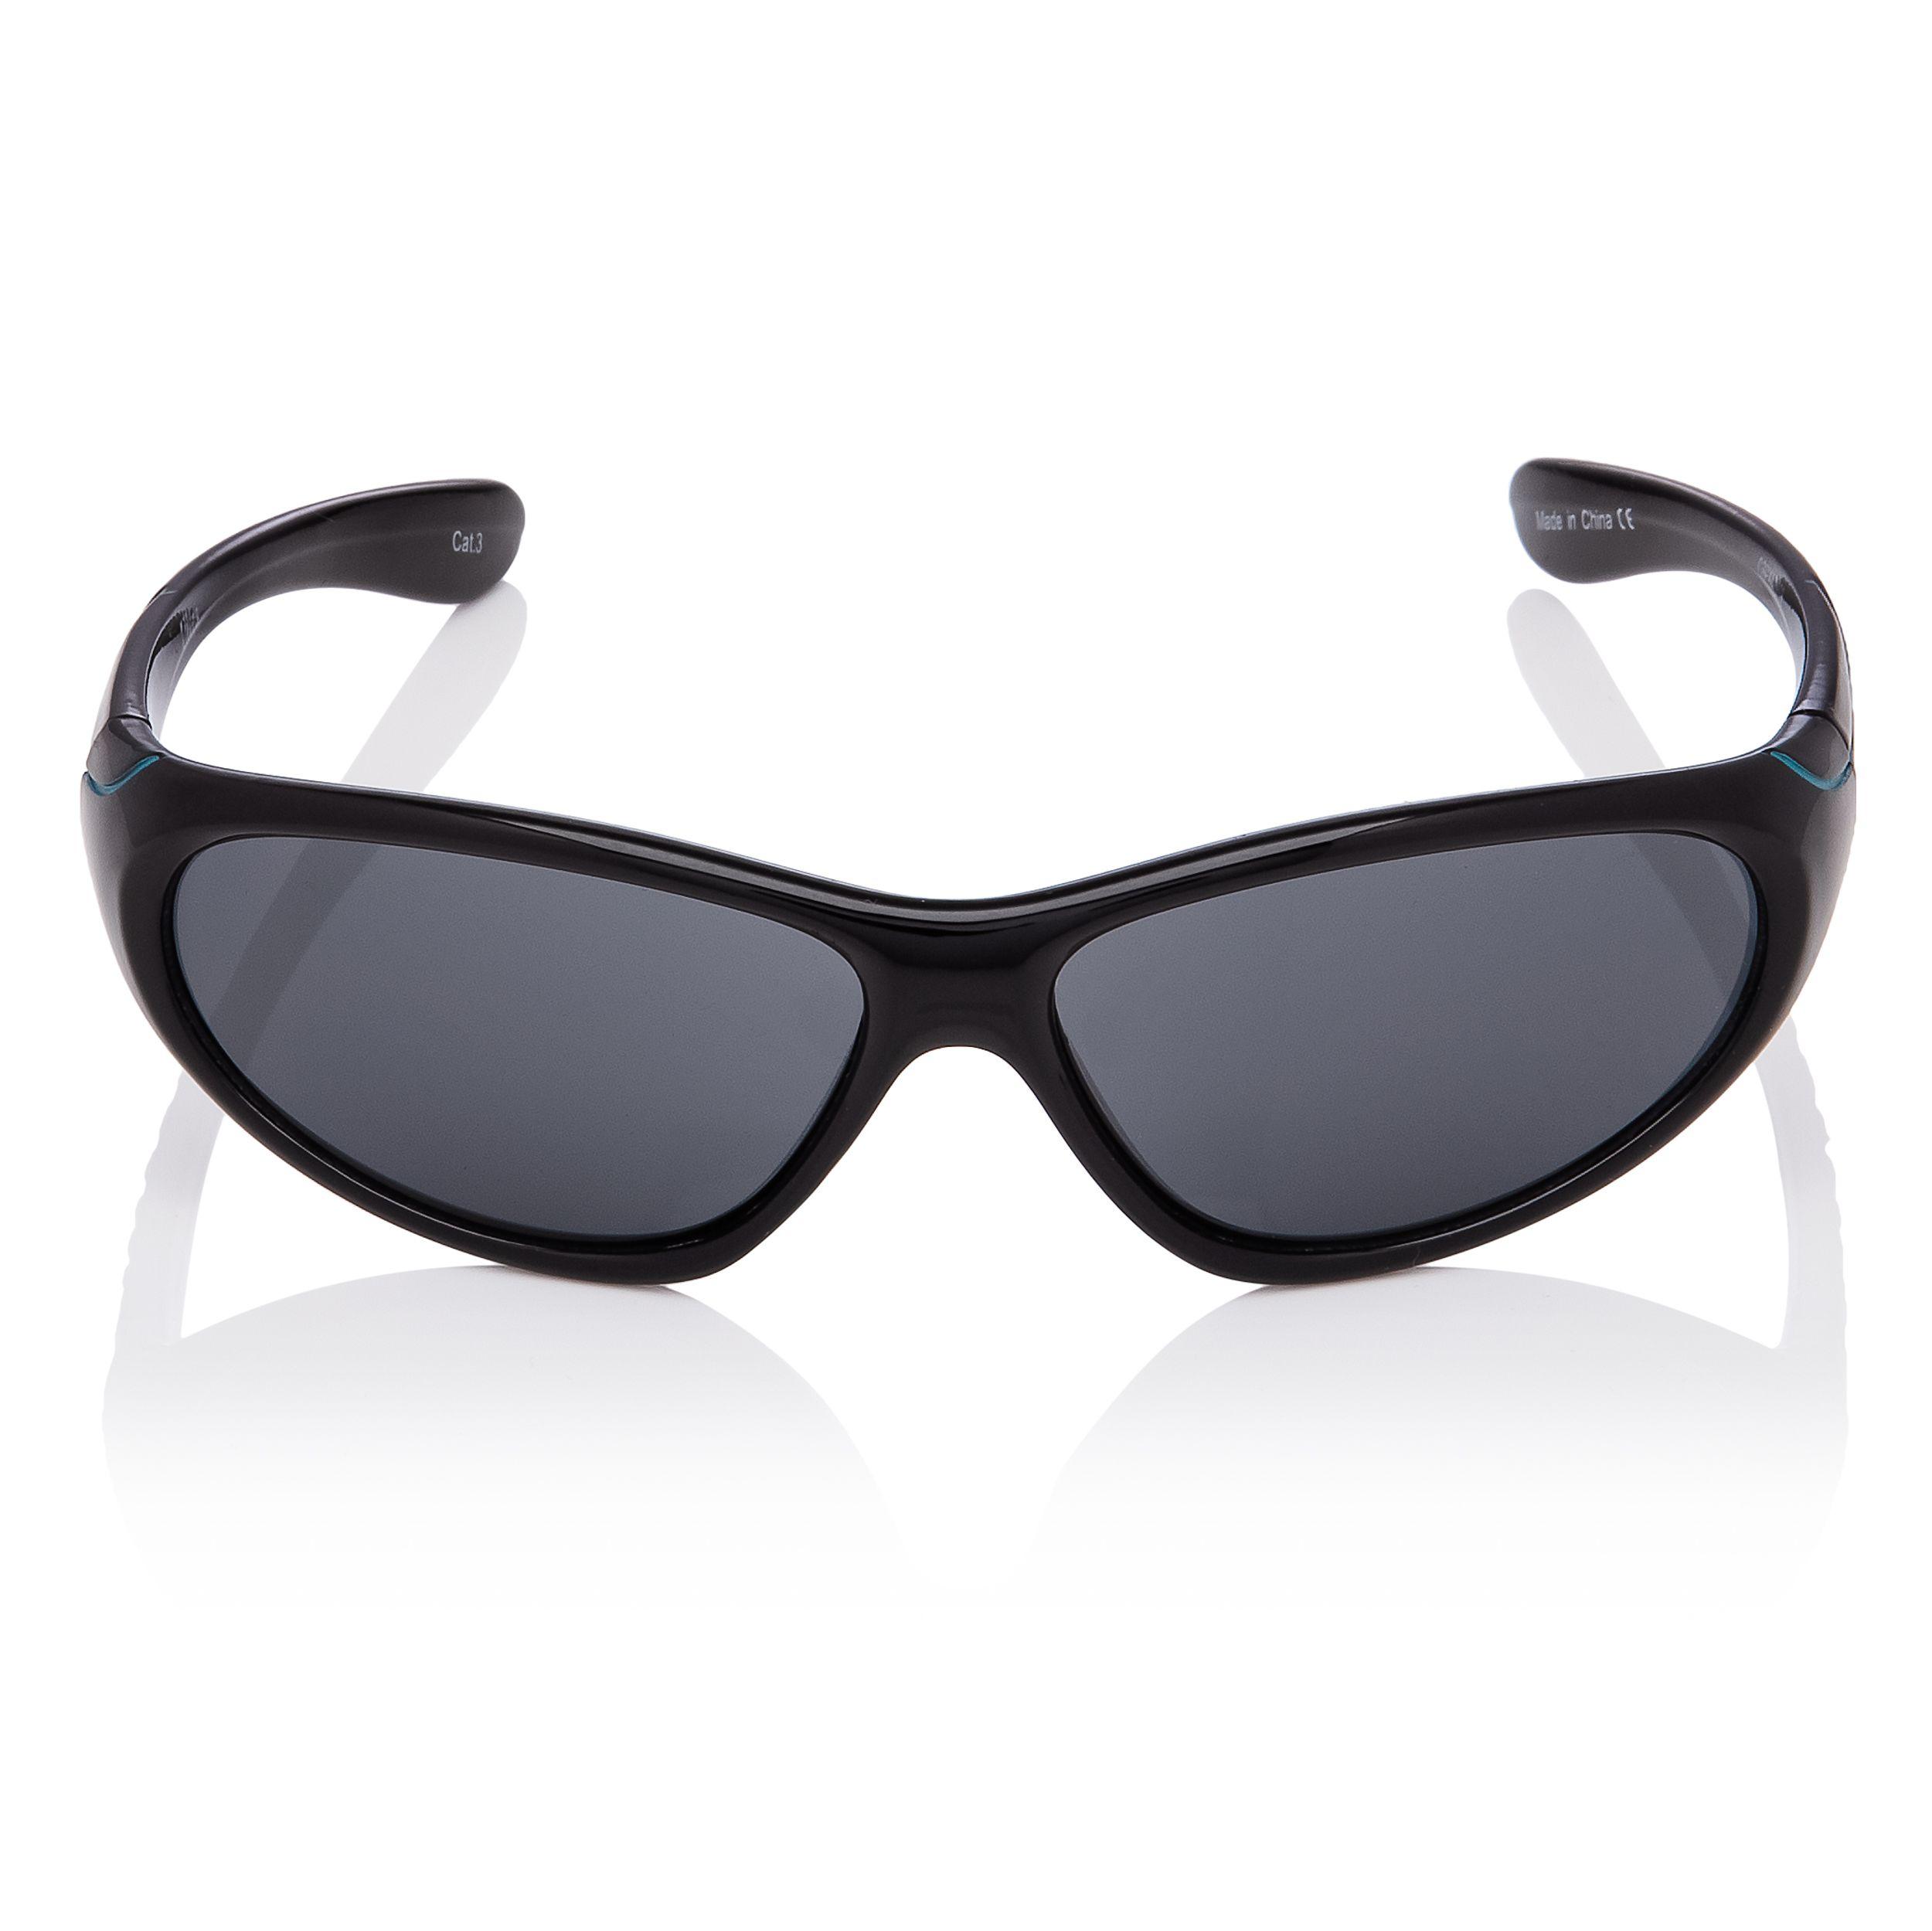 Black Kids Children Sunglasses Boys Girls Wraparound Shades Fashion Glasses UK